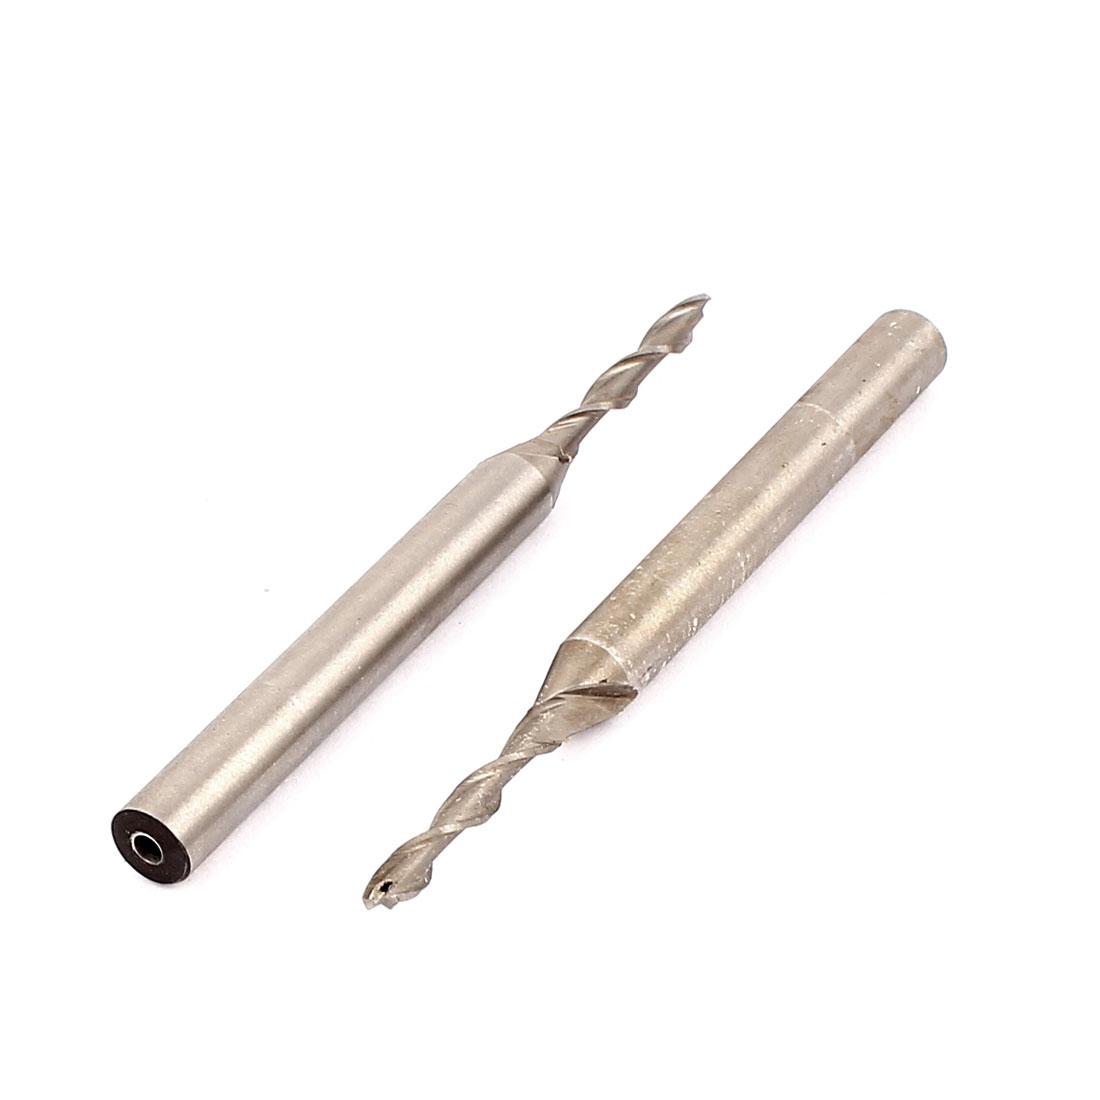 Extended 6mm Straight Shank 2 Flute HSS End Mill Cutter 2pcs